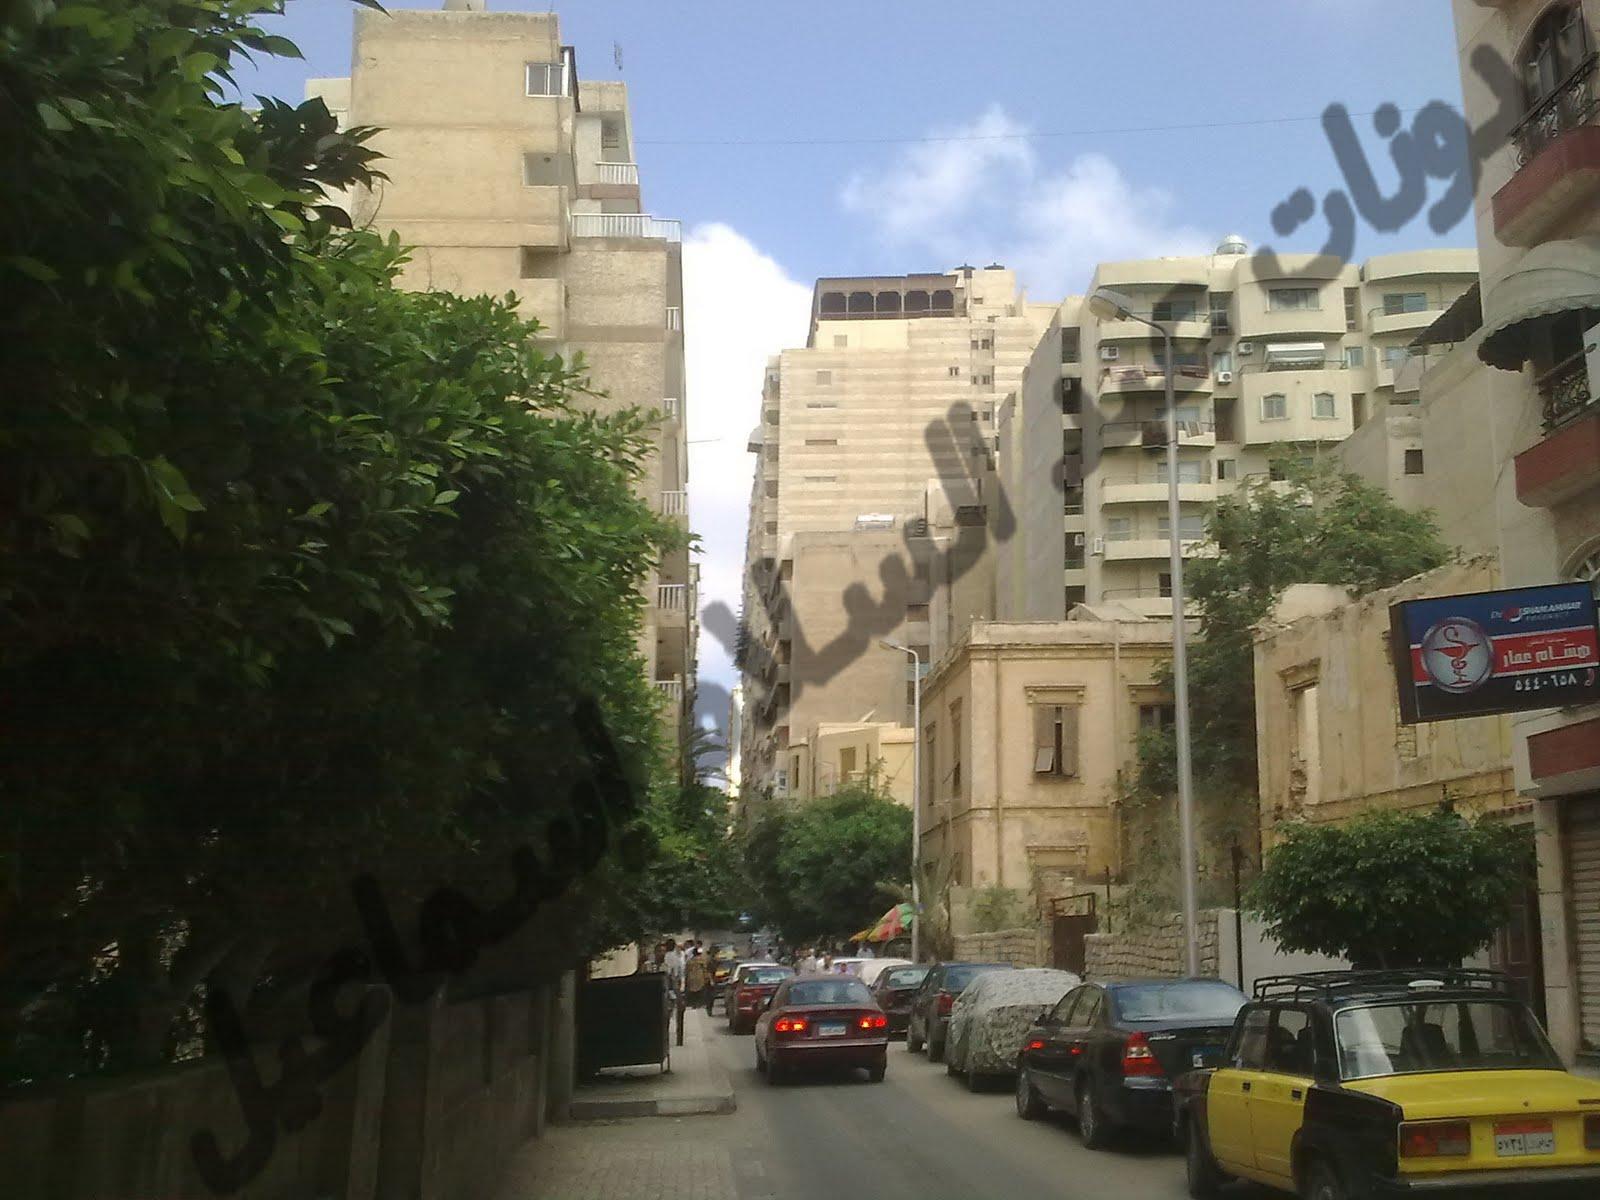 636742343 اقرأ: أبو هيف قاهر المانش + عبد اللطيف أبوهيف - ويكيبيديا، الموسوعة الحرة  ــــــــــــ